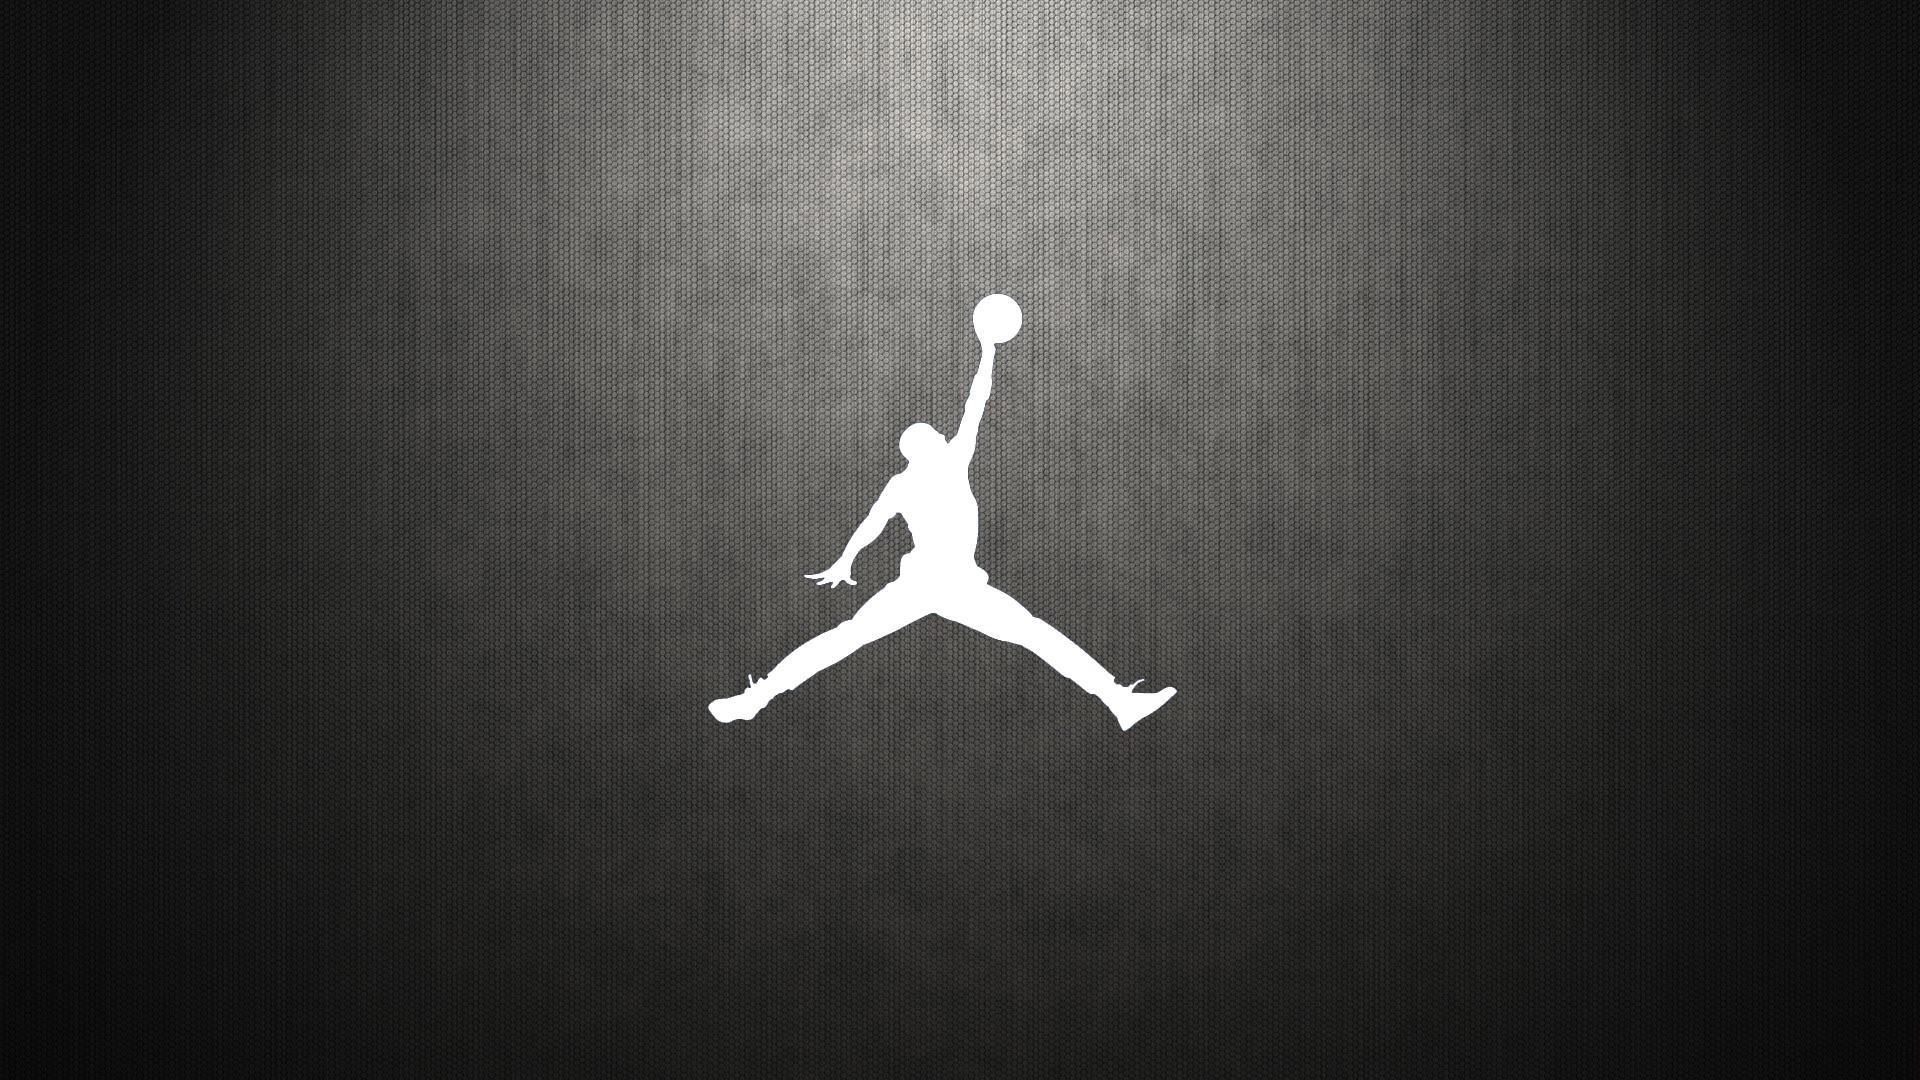 Jordan Logos Wallpaper 1920x1080 Jordan Logos Kicks Jumpman23 1920x1080